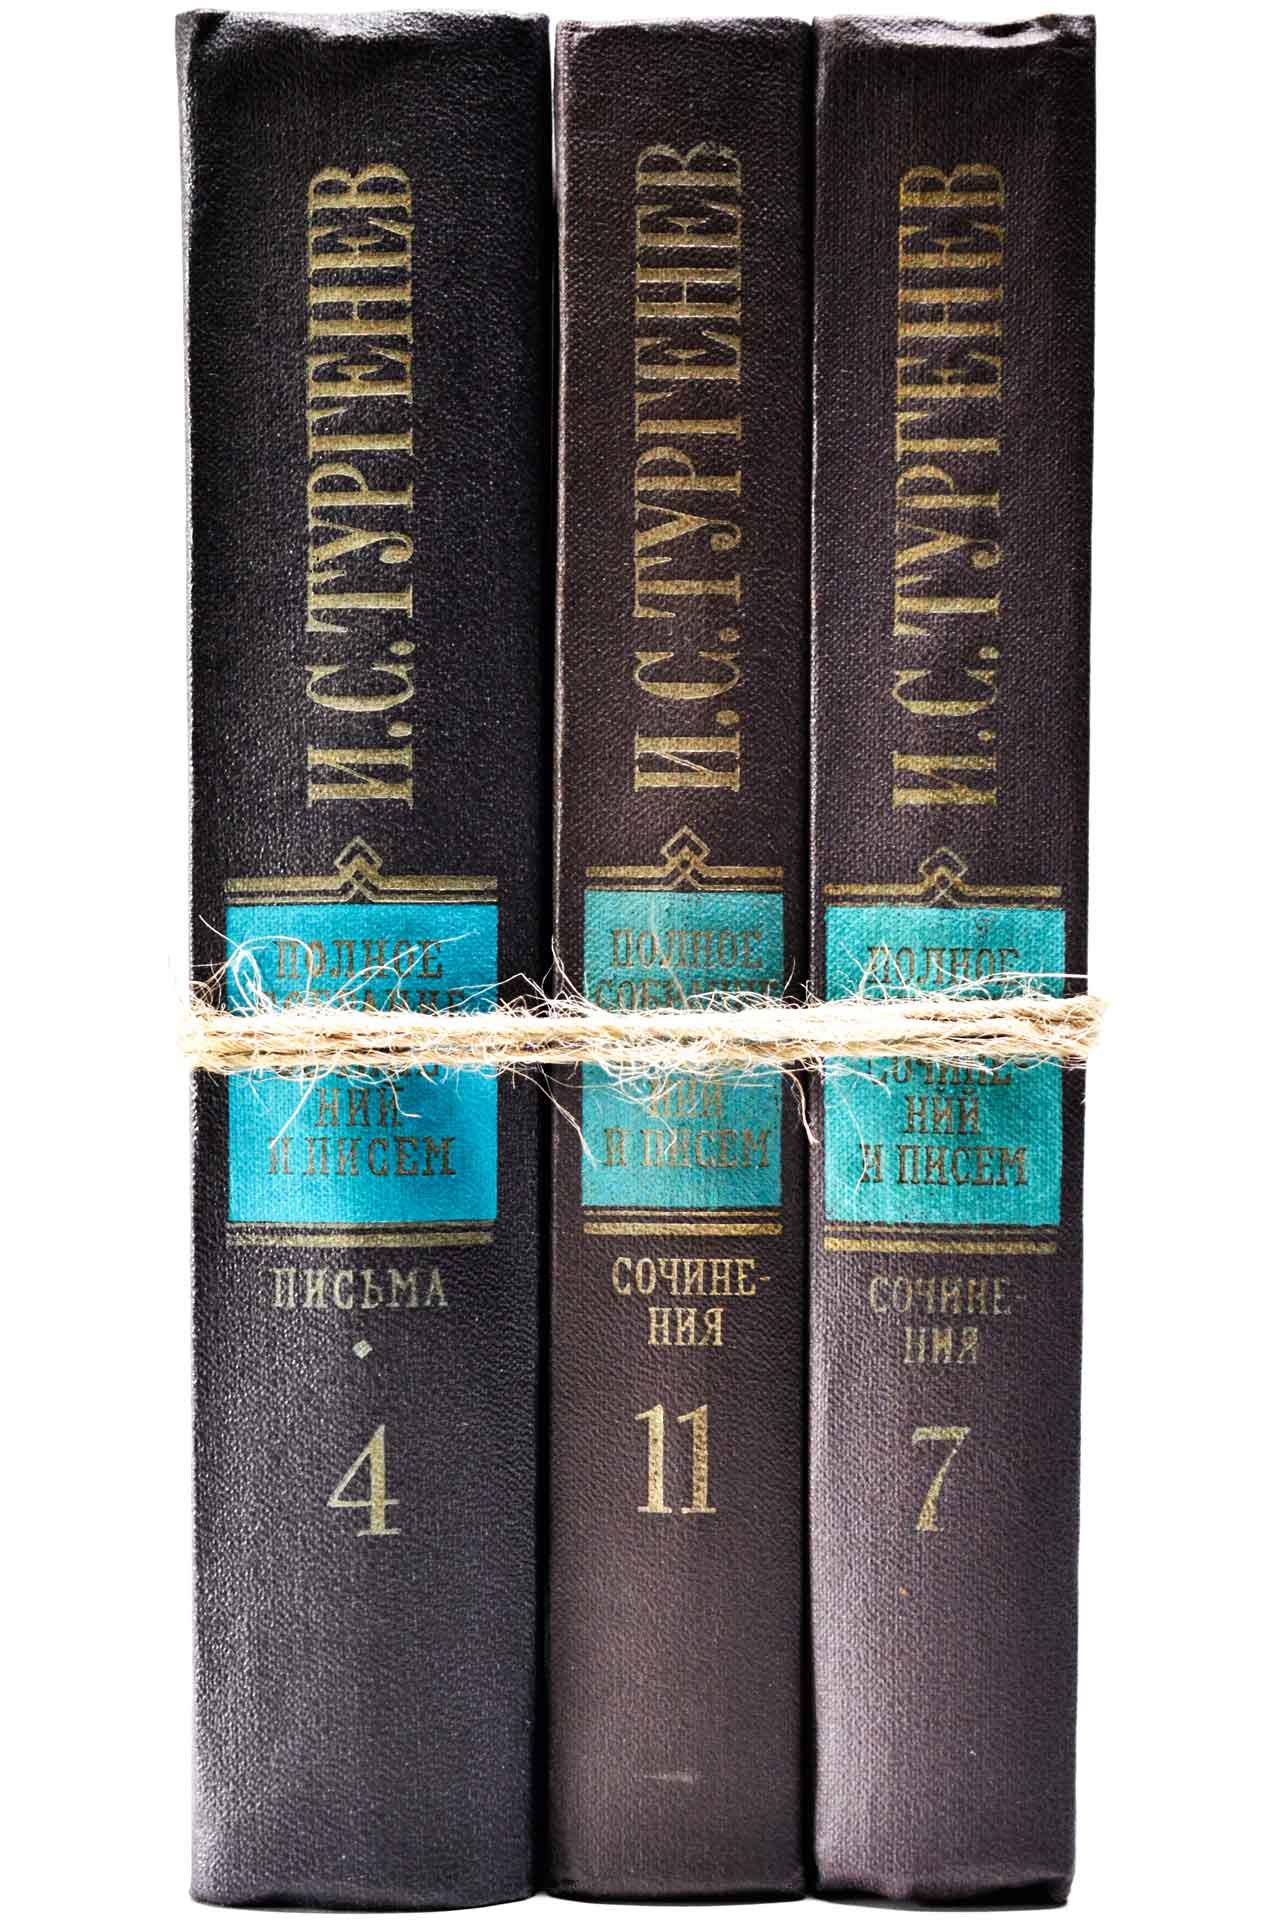 洋書 ディスプレイ用 3冊セット RZ-5301